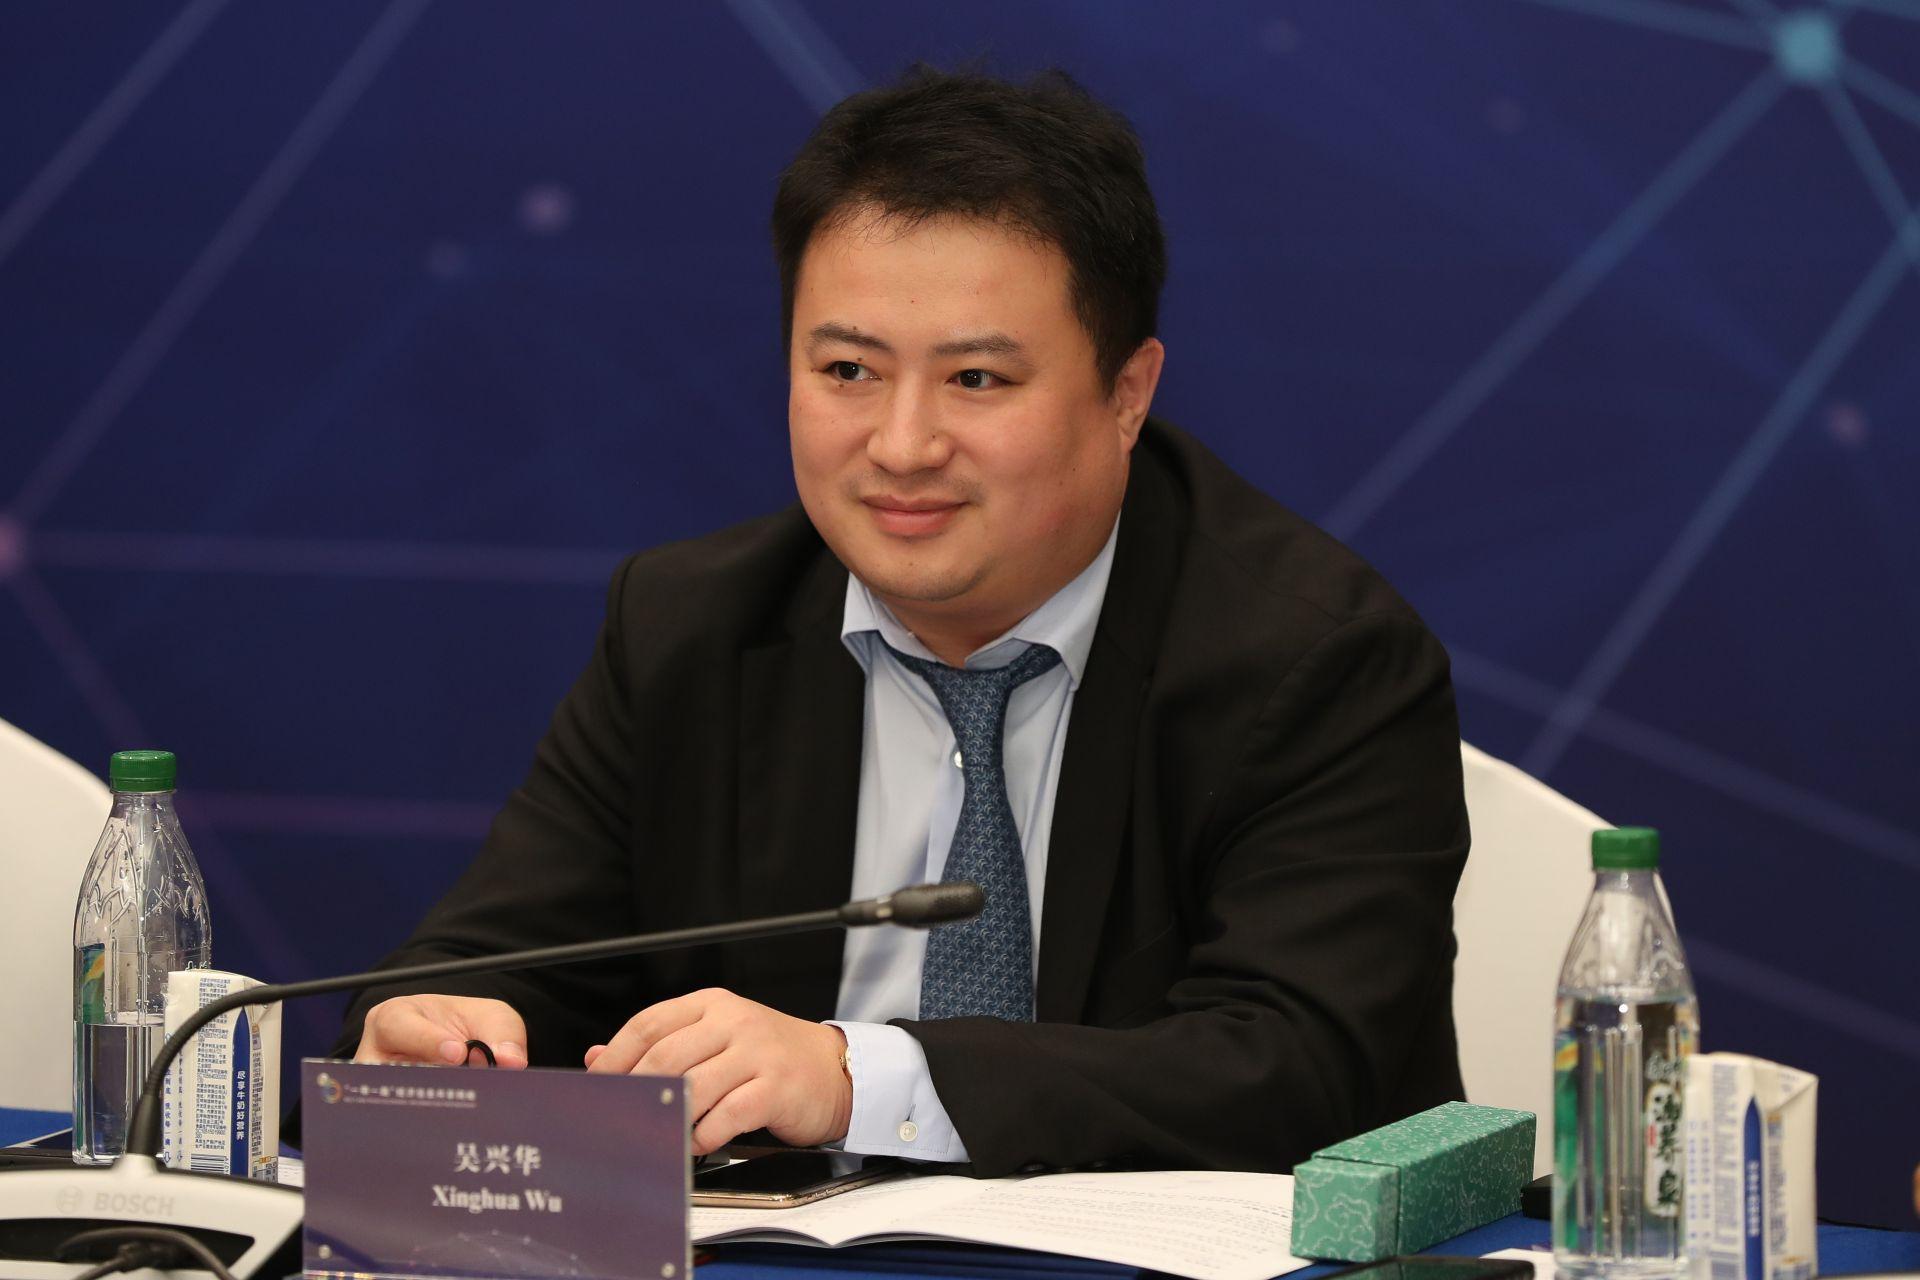 吴兴华   老挝吉达蓬集团首席执行官